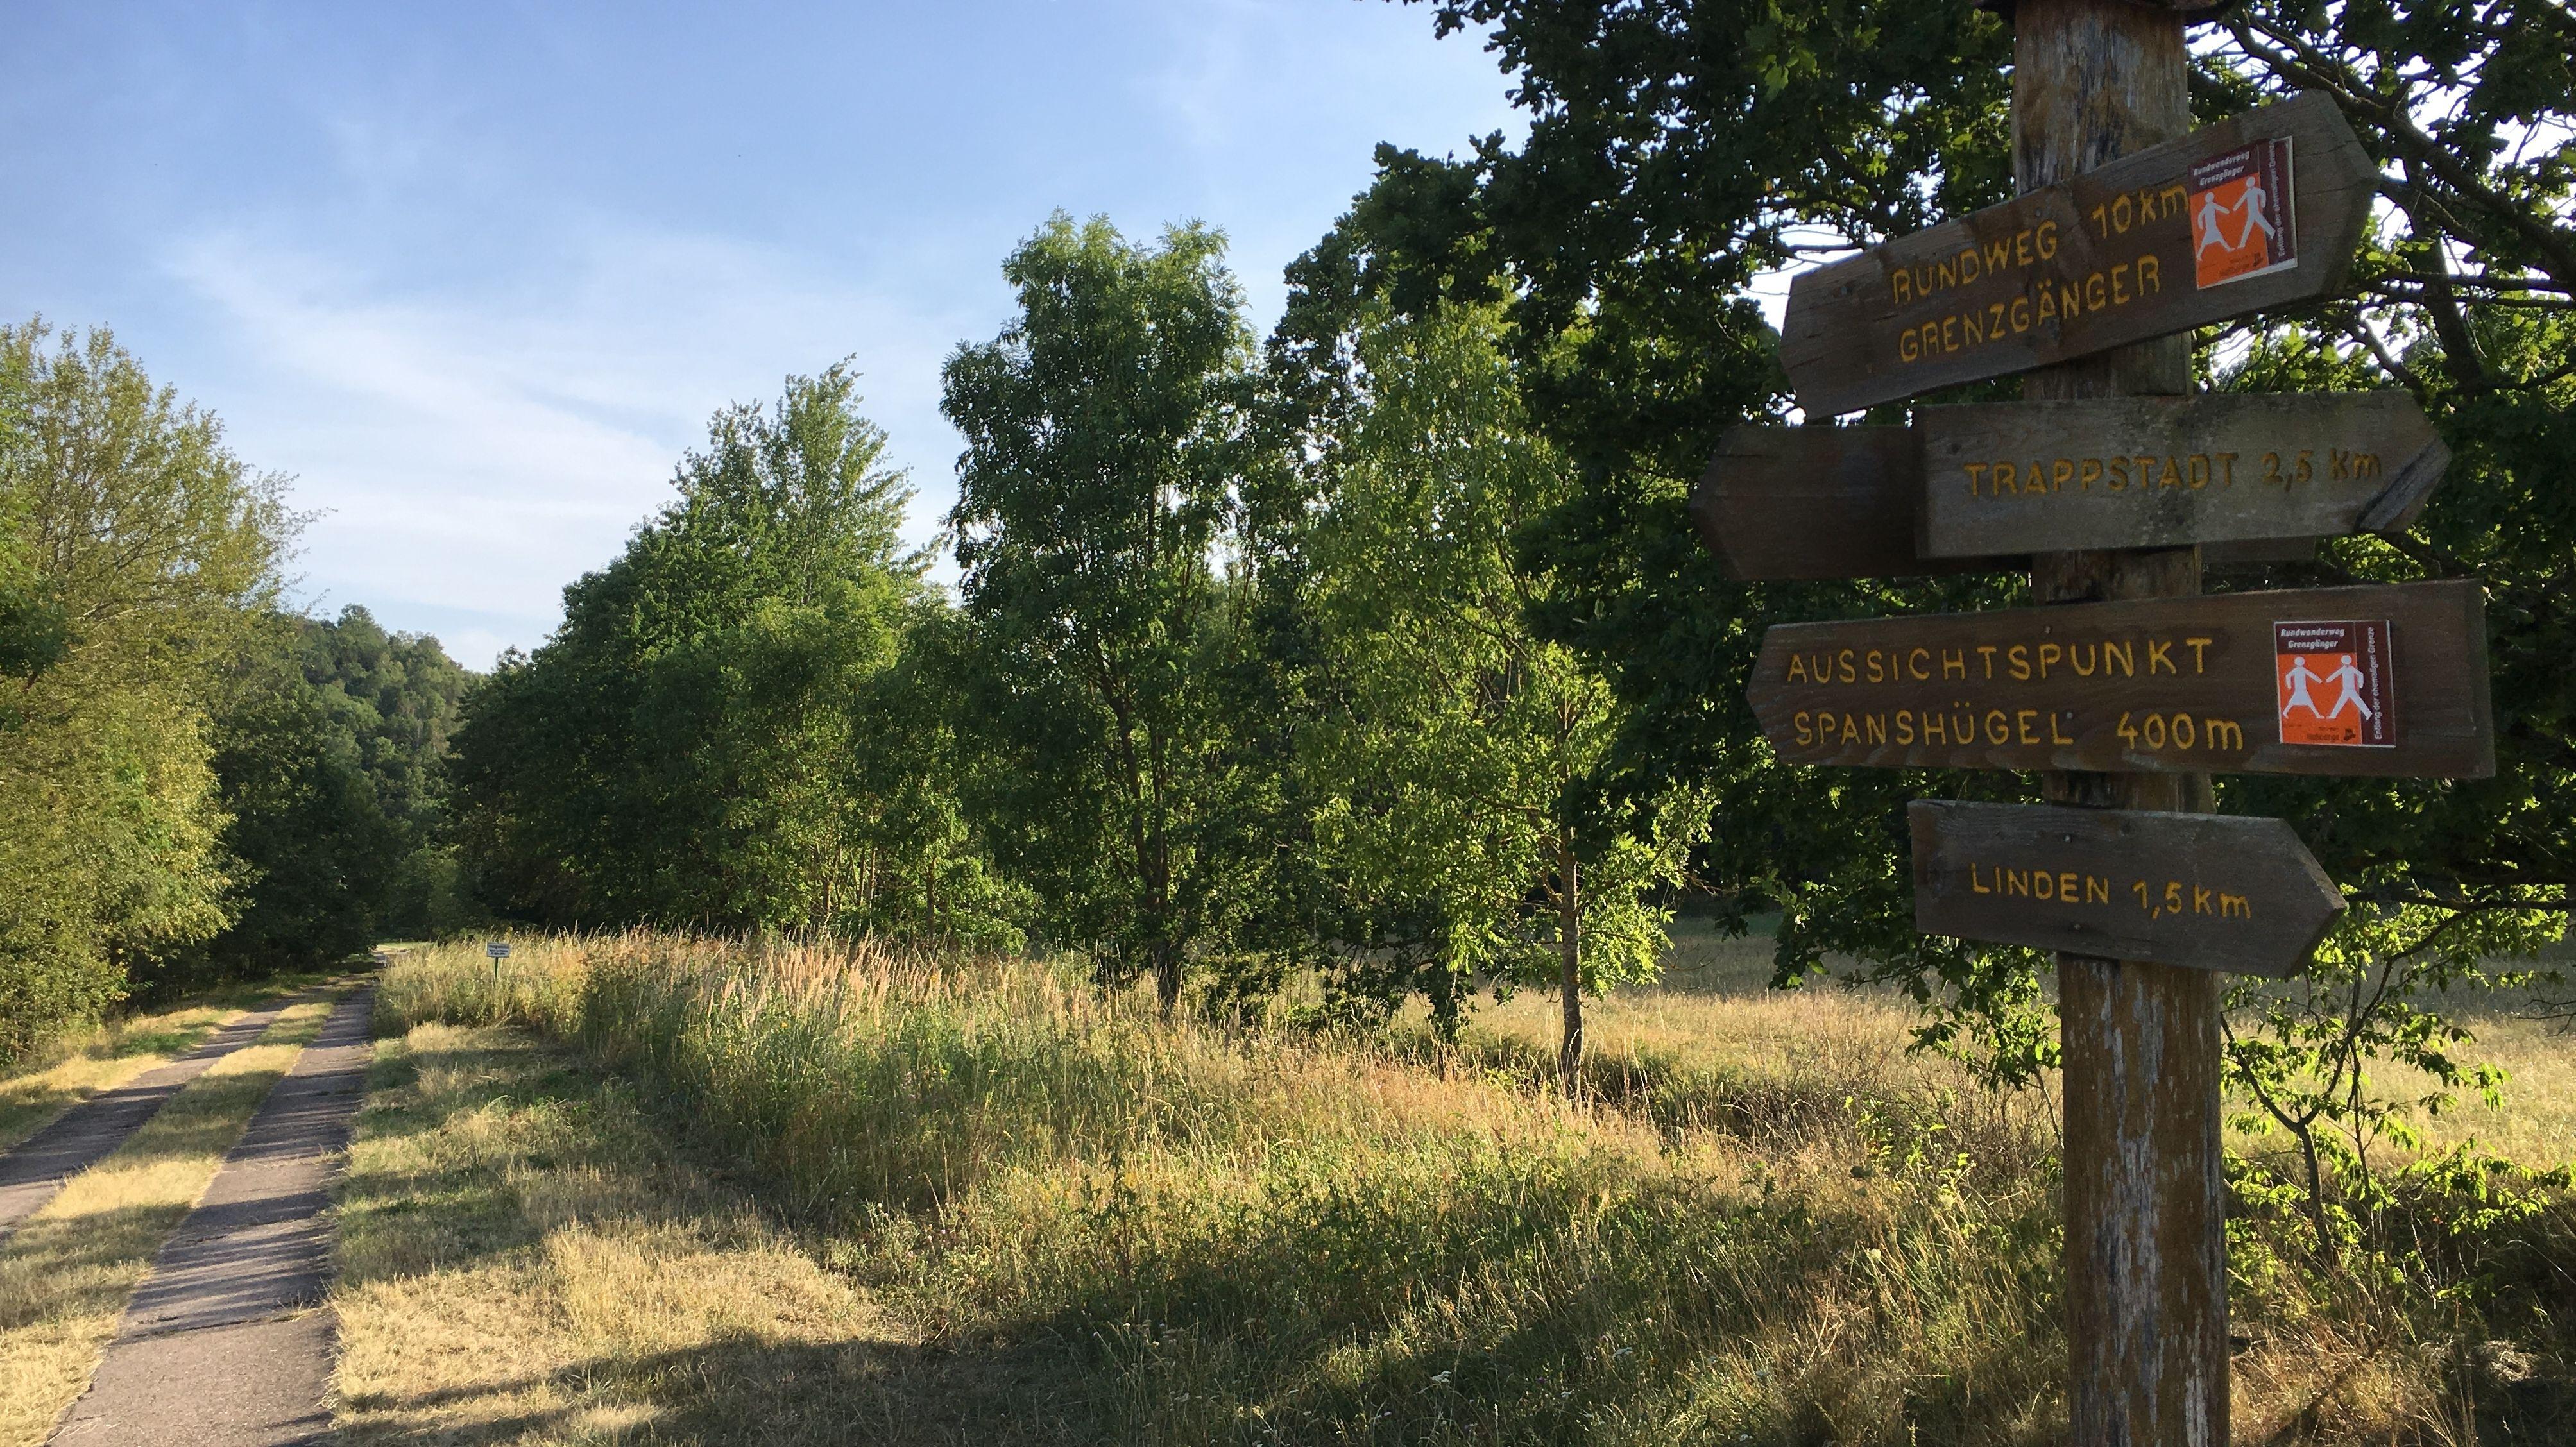 """Der Rundwanderweg """"Grenzgänger"""" bei Trappstadt"""